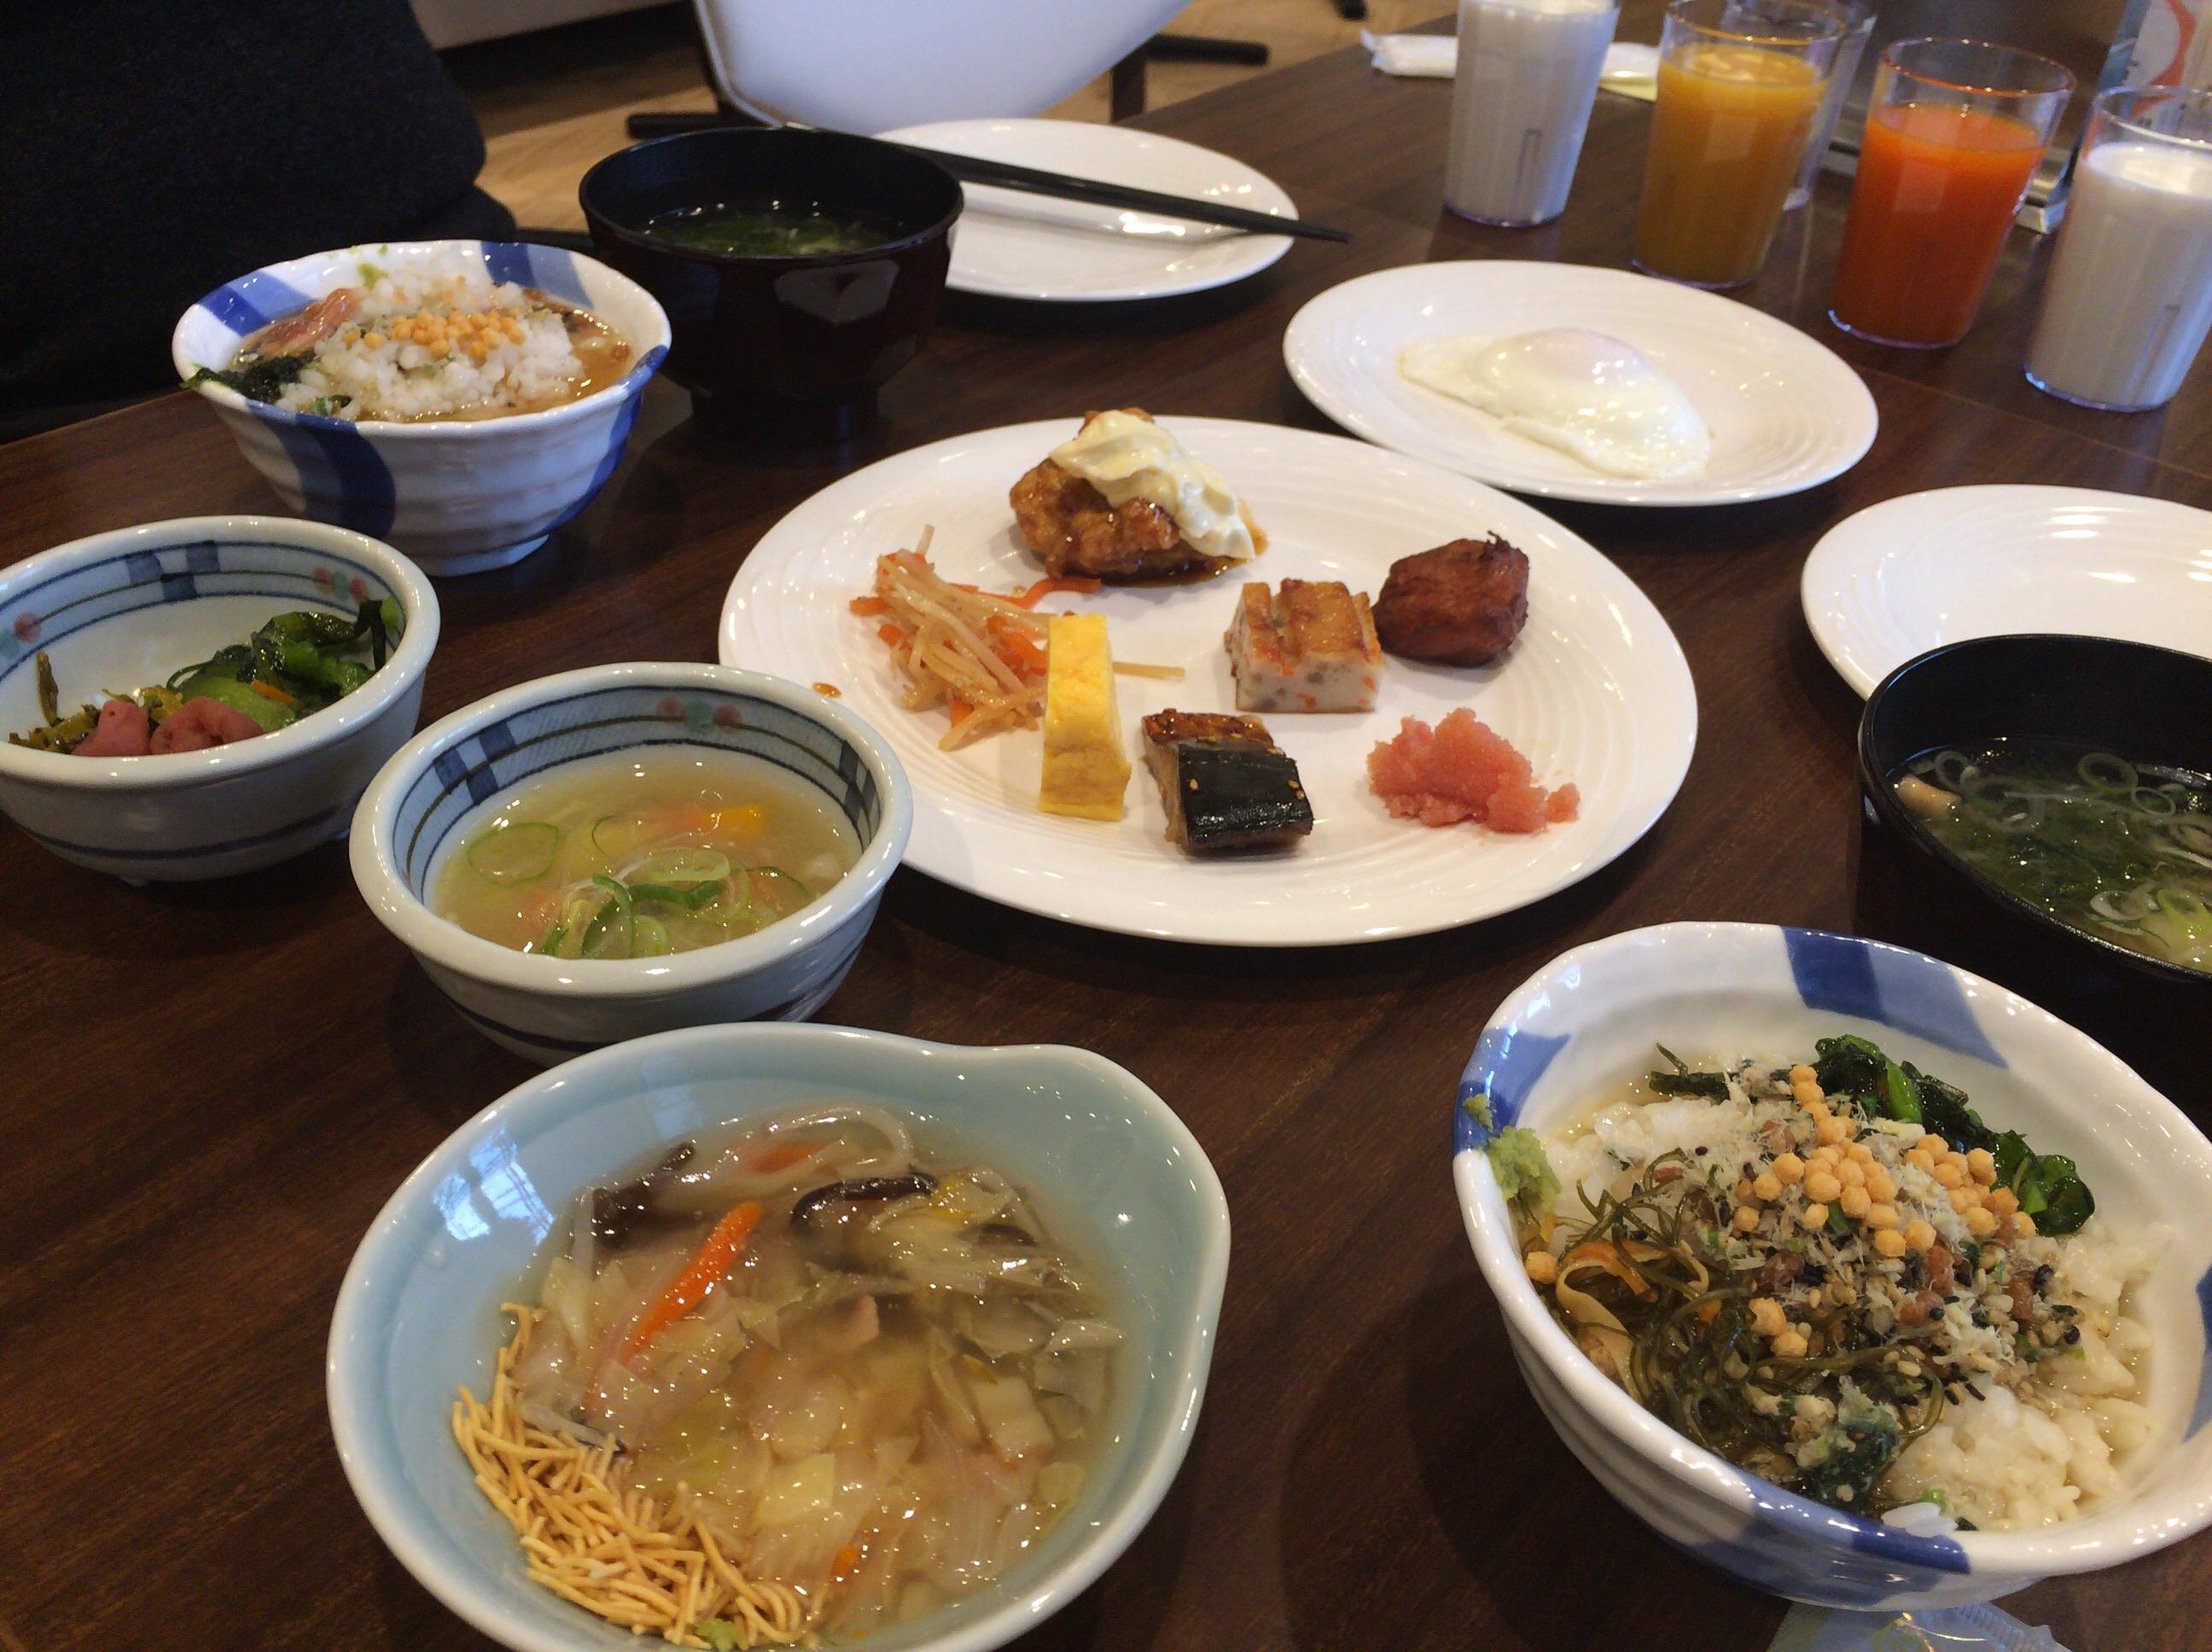 ホテルFORZA(フォルツァ)長崎の朝食バイキング